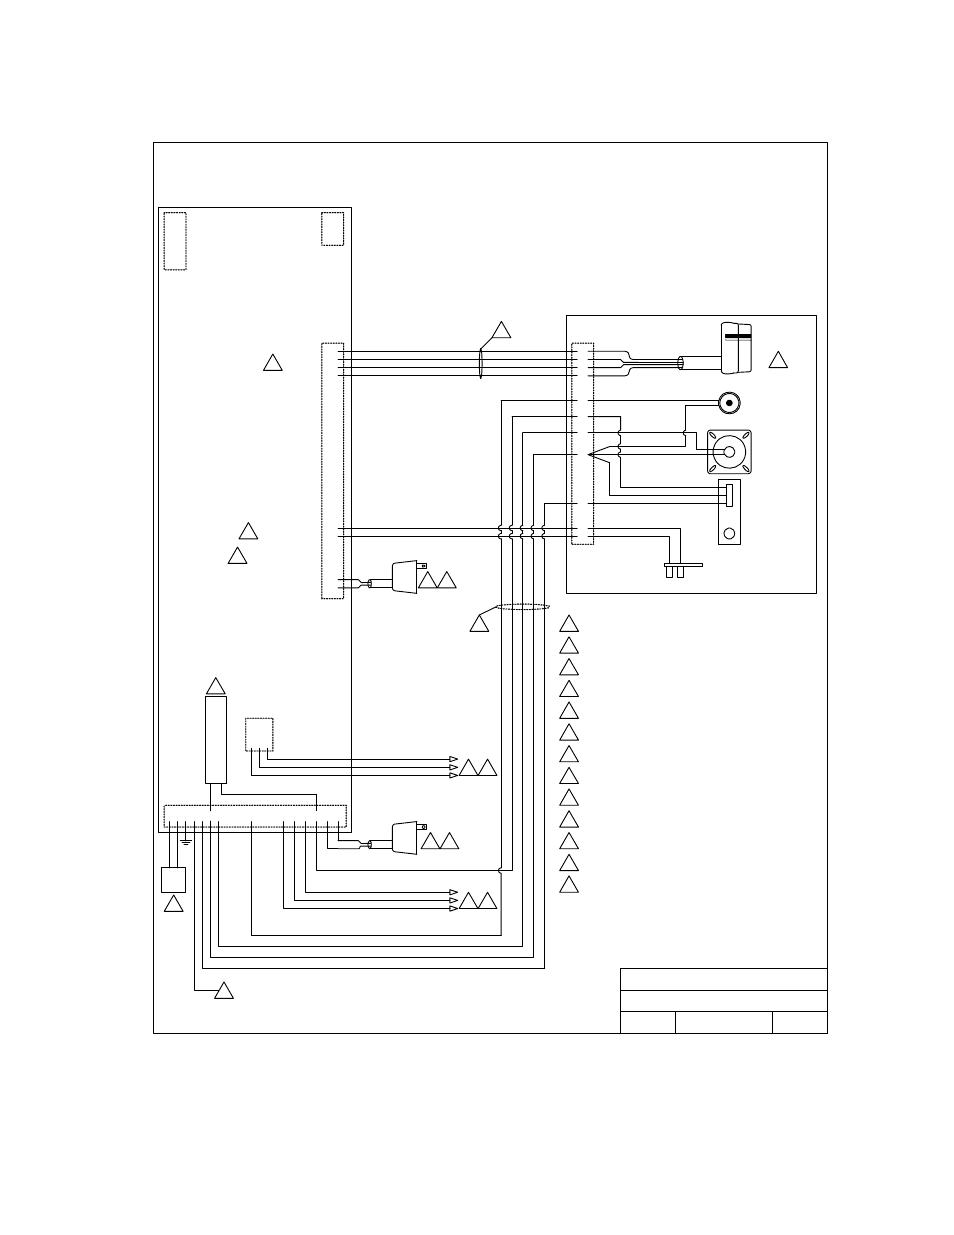 medium resolution of door king 1838 wiring diagrams 30 wiring diagram images western plow solenoid wiring diagram western plow joystick wiring diagram